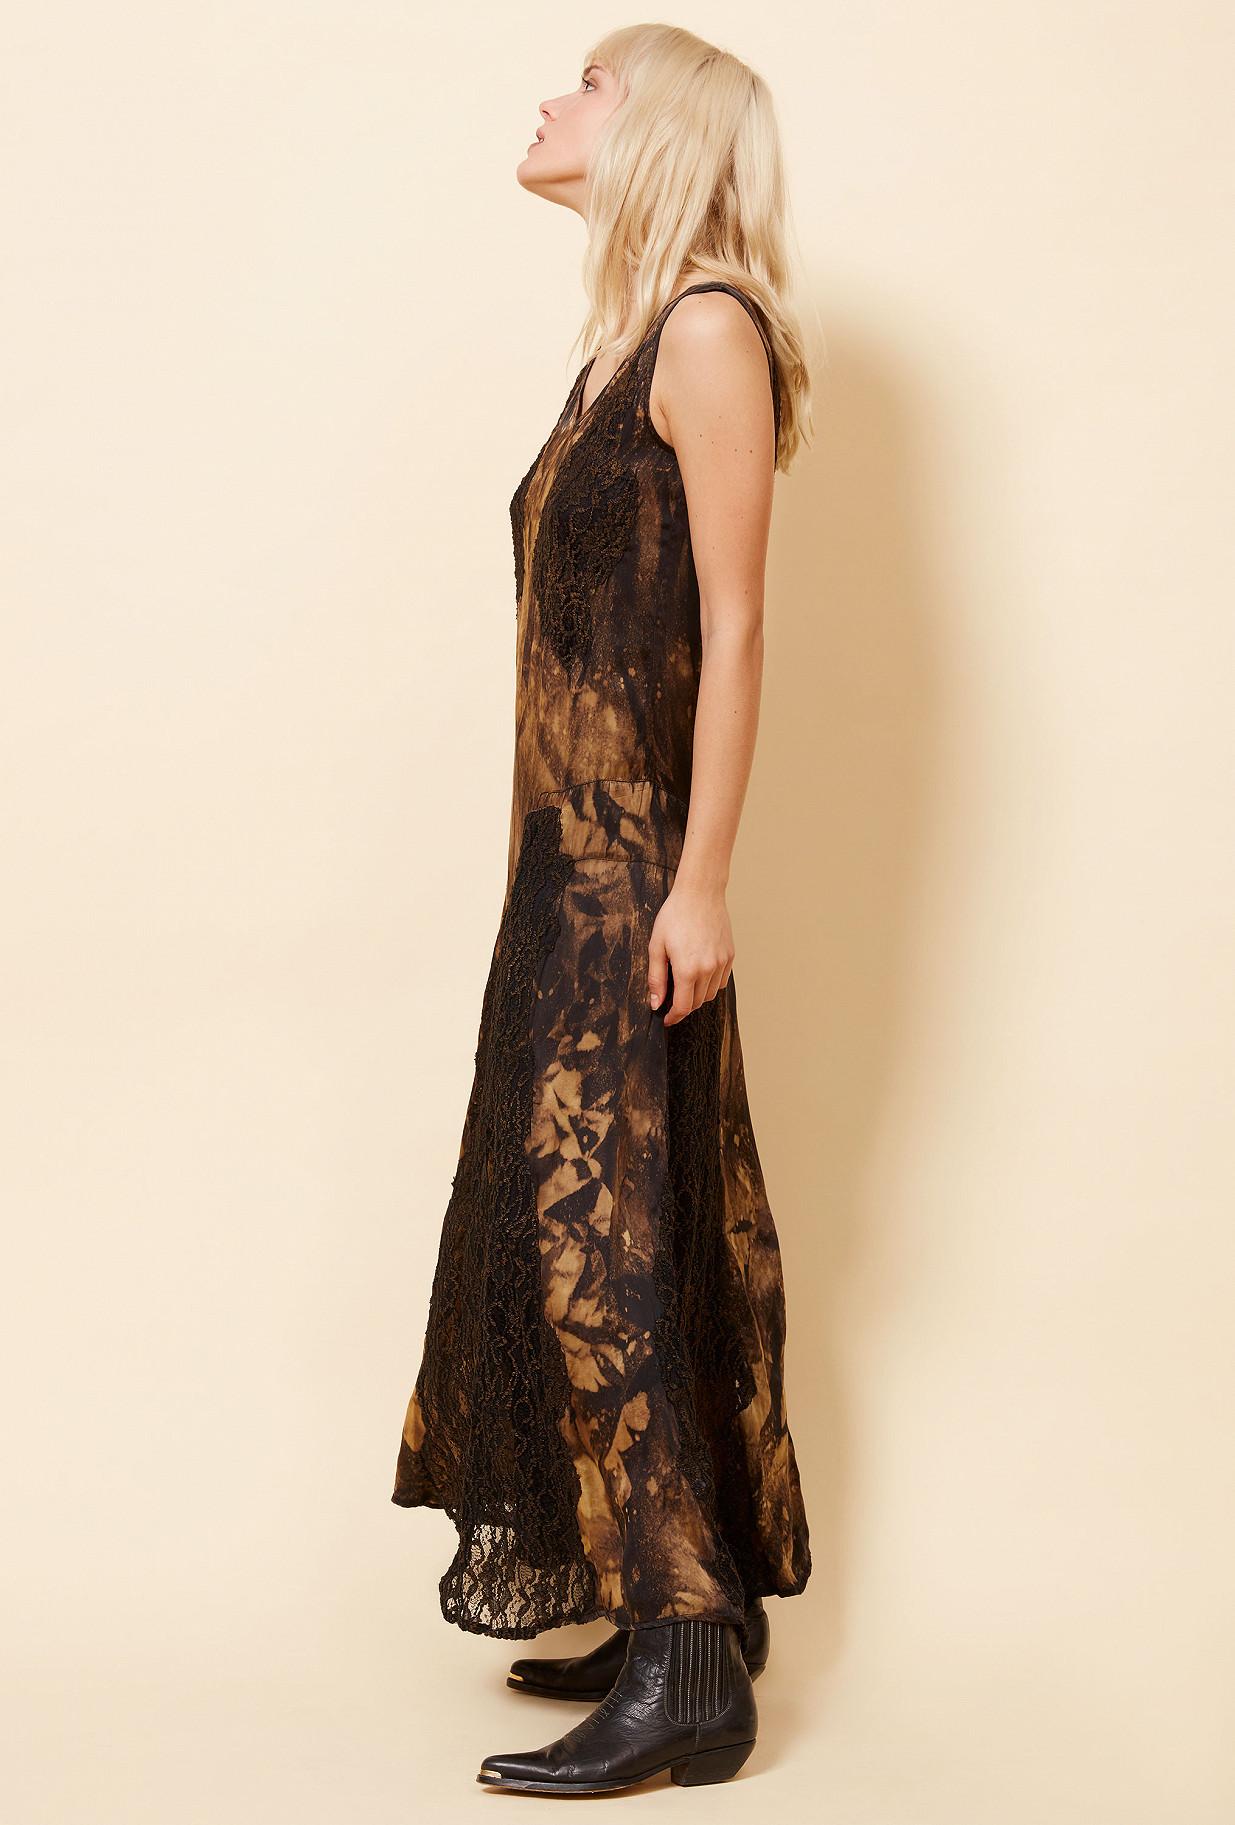 Paris boutique de mode vêtement Robe créateur bohème  Garance dore